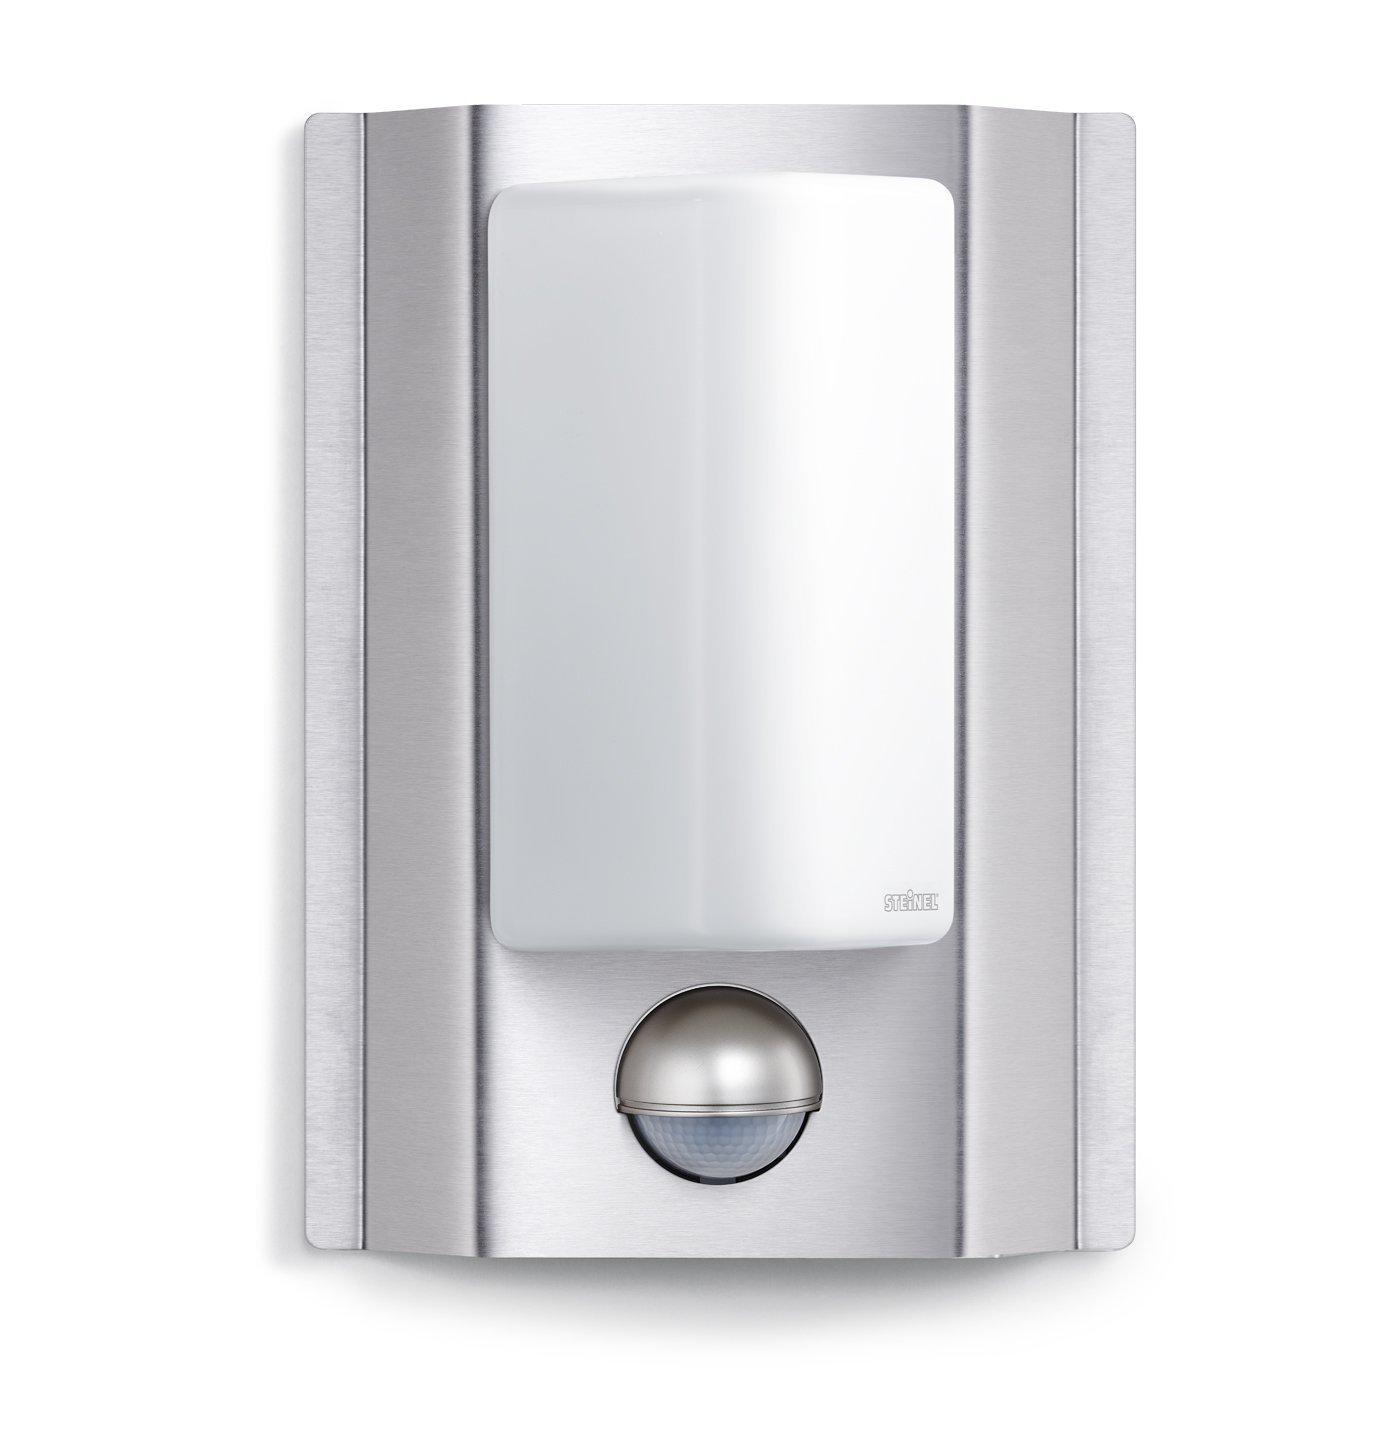 steinel lampada per esterni l 860 s con sensore a raggi. Black Bedroom Furniture Sets. Home Design Ideas